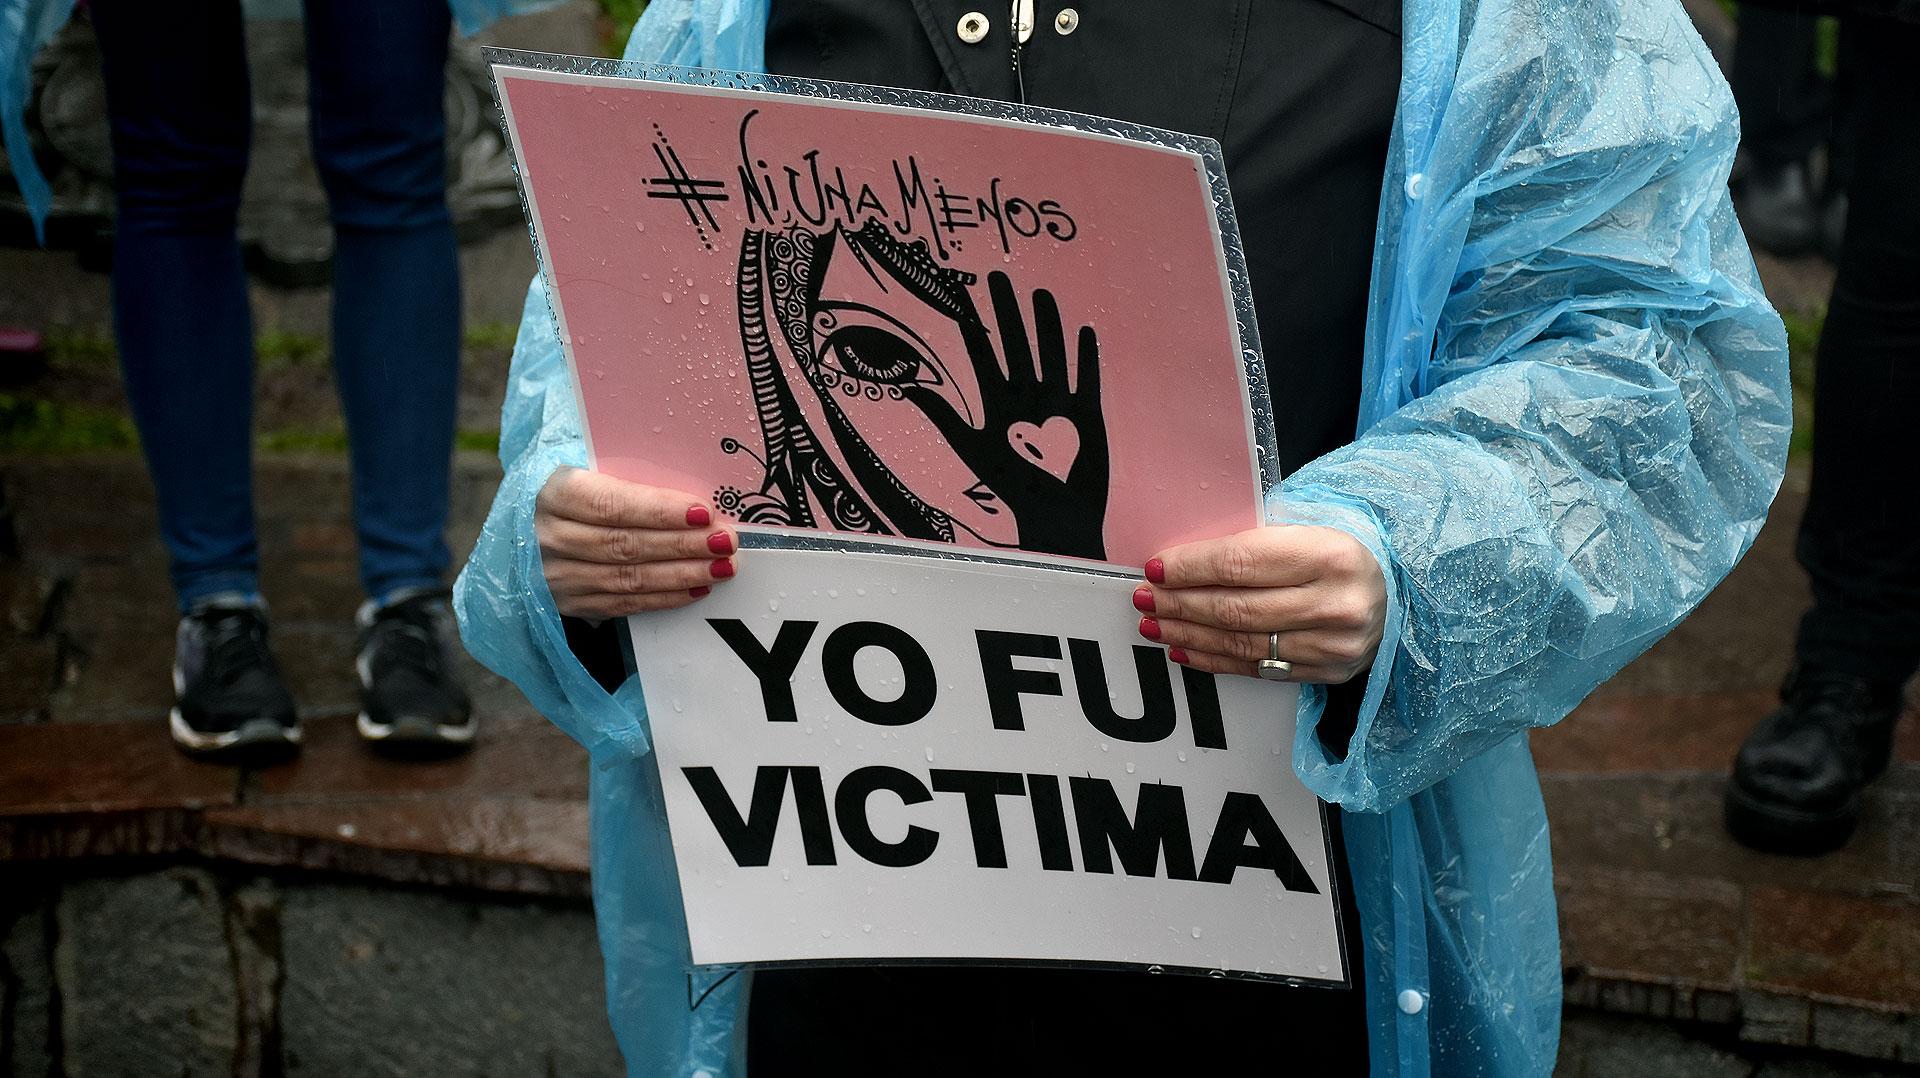 En lo que va del año hubo 226 femicidios